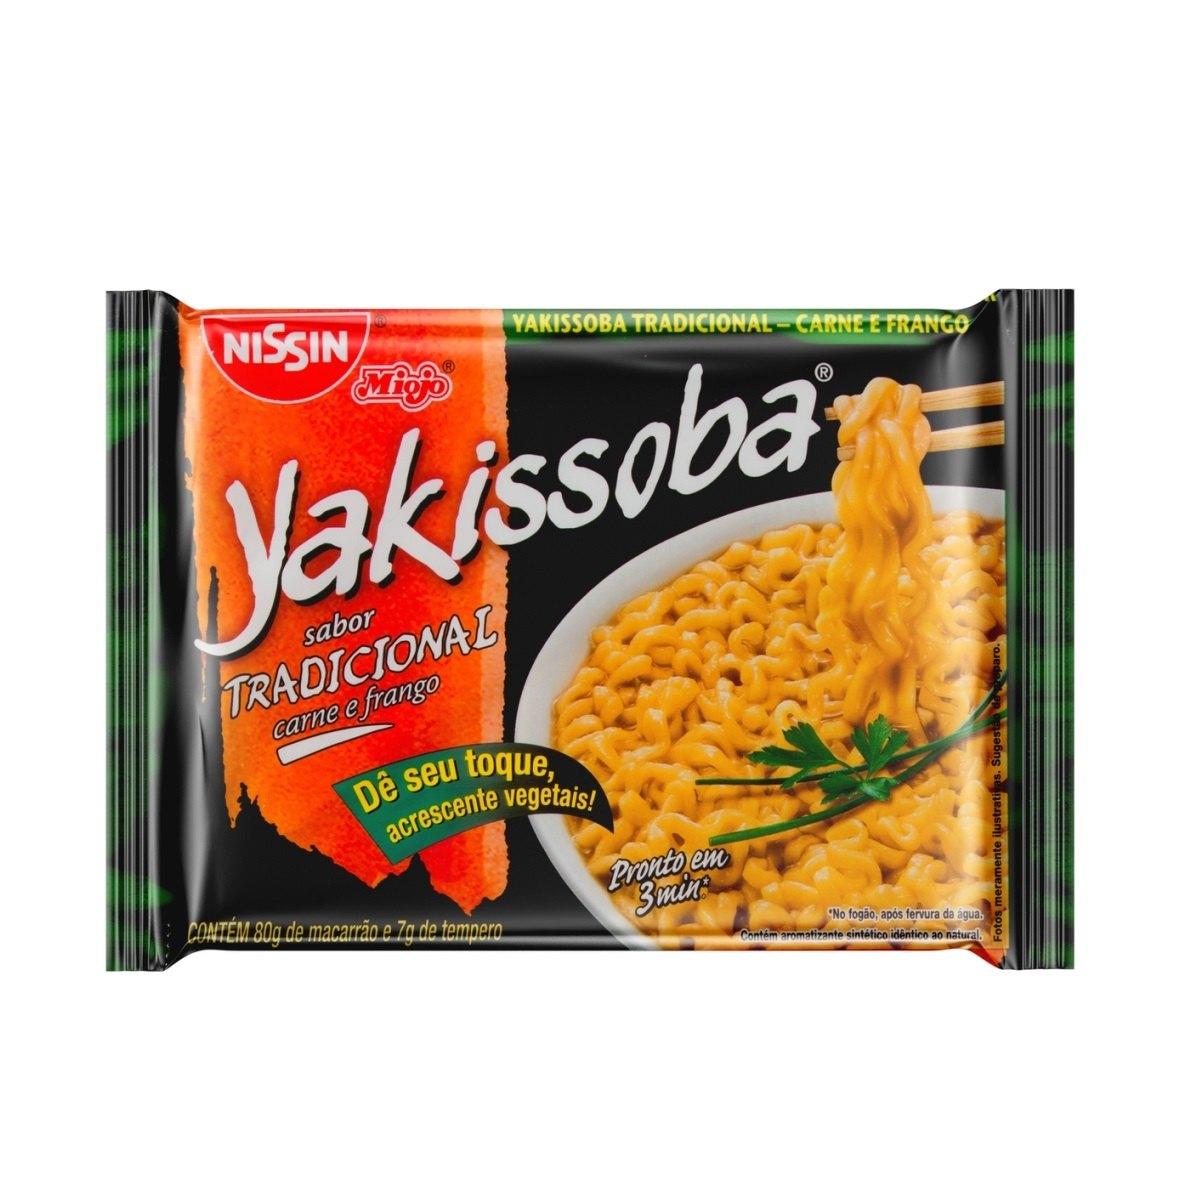 NISSIN YAKISSOBA TRAD 1X87G (50)